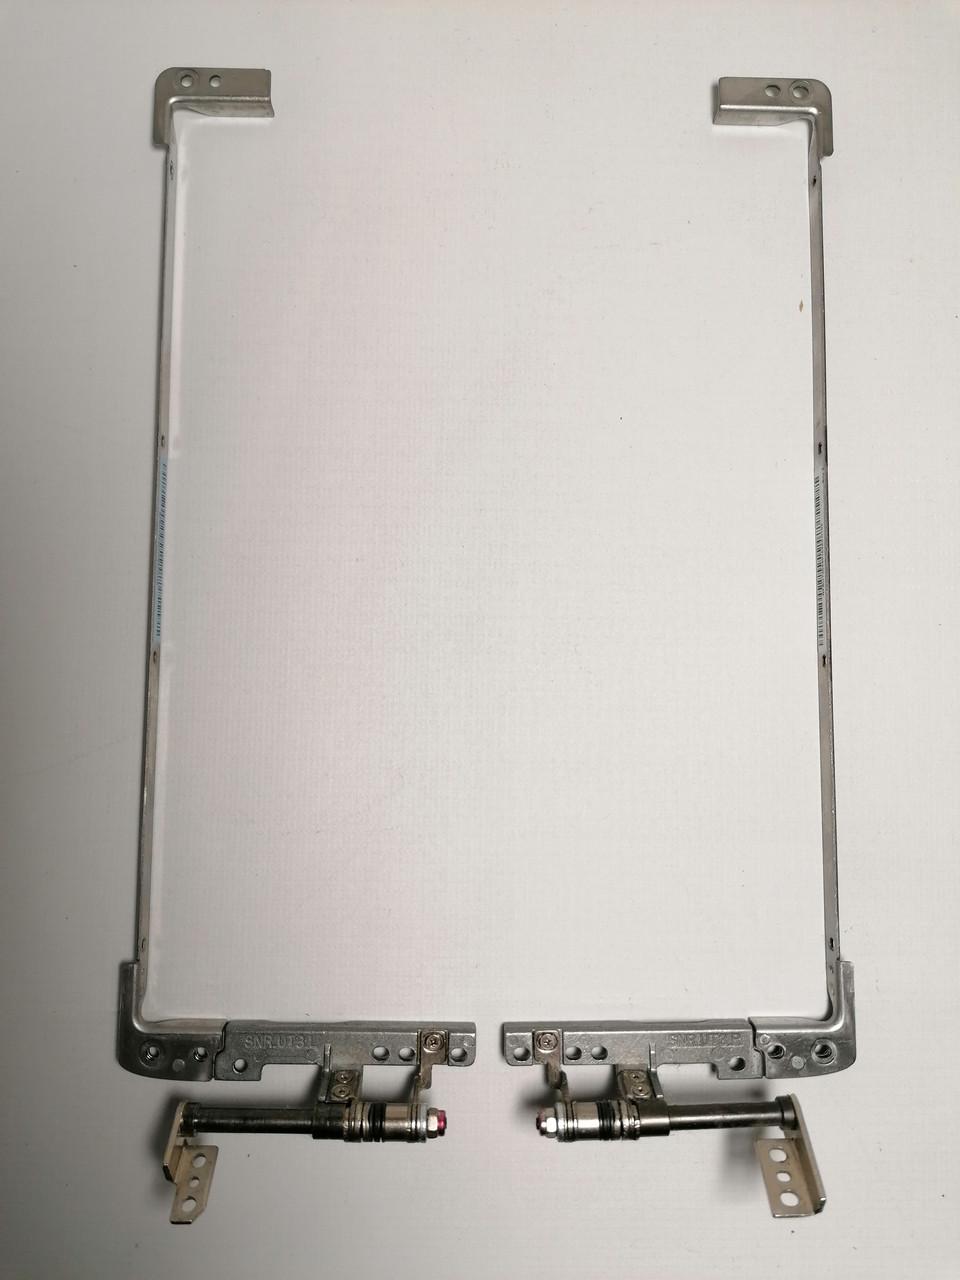 Б/У петли матрицы для ноутбука HP Pavilion DV6-1000 DV6-2000 Series (FBUT3055010 FBUT3054010)